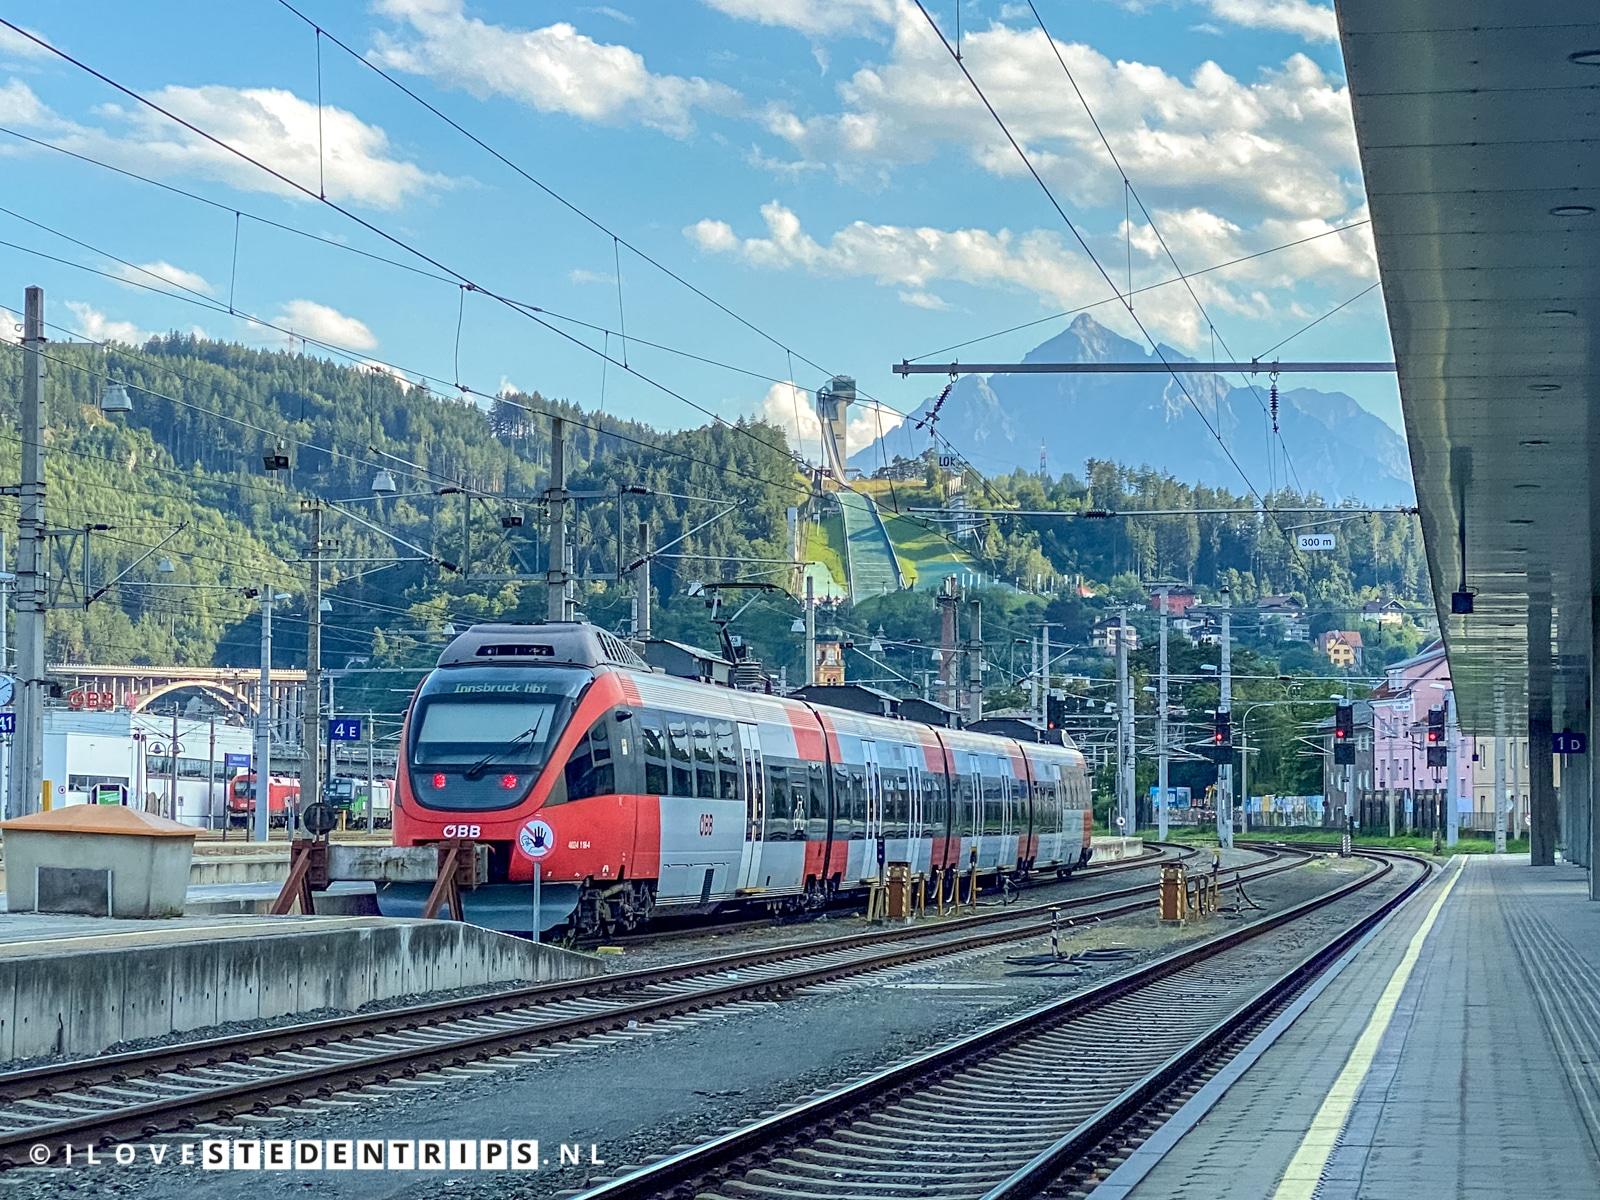 Trein van de ÖBB op het treinstation Innsbruck Hauptbahnhof